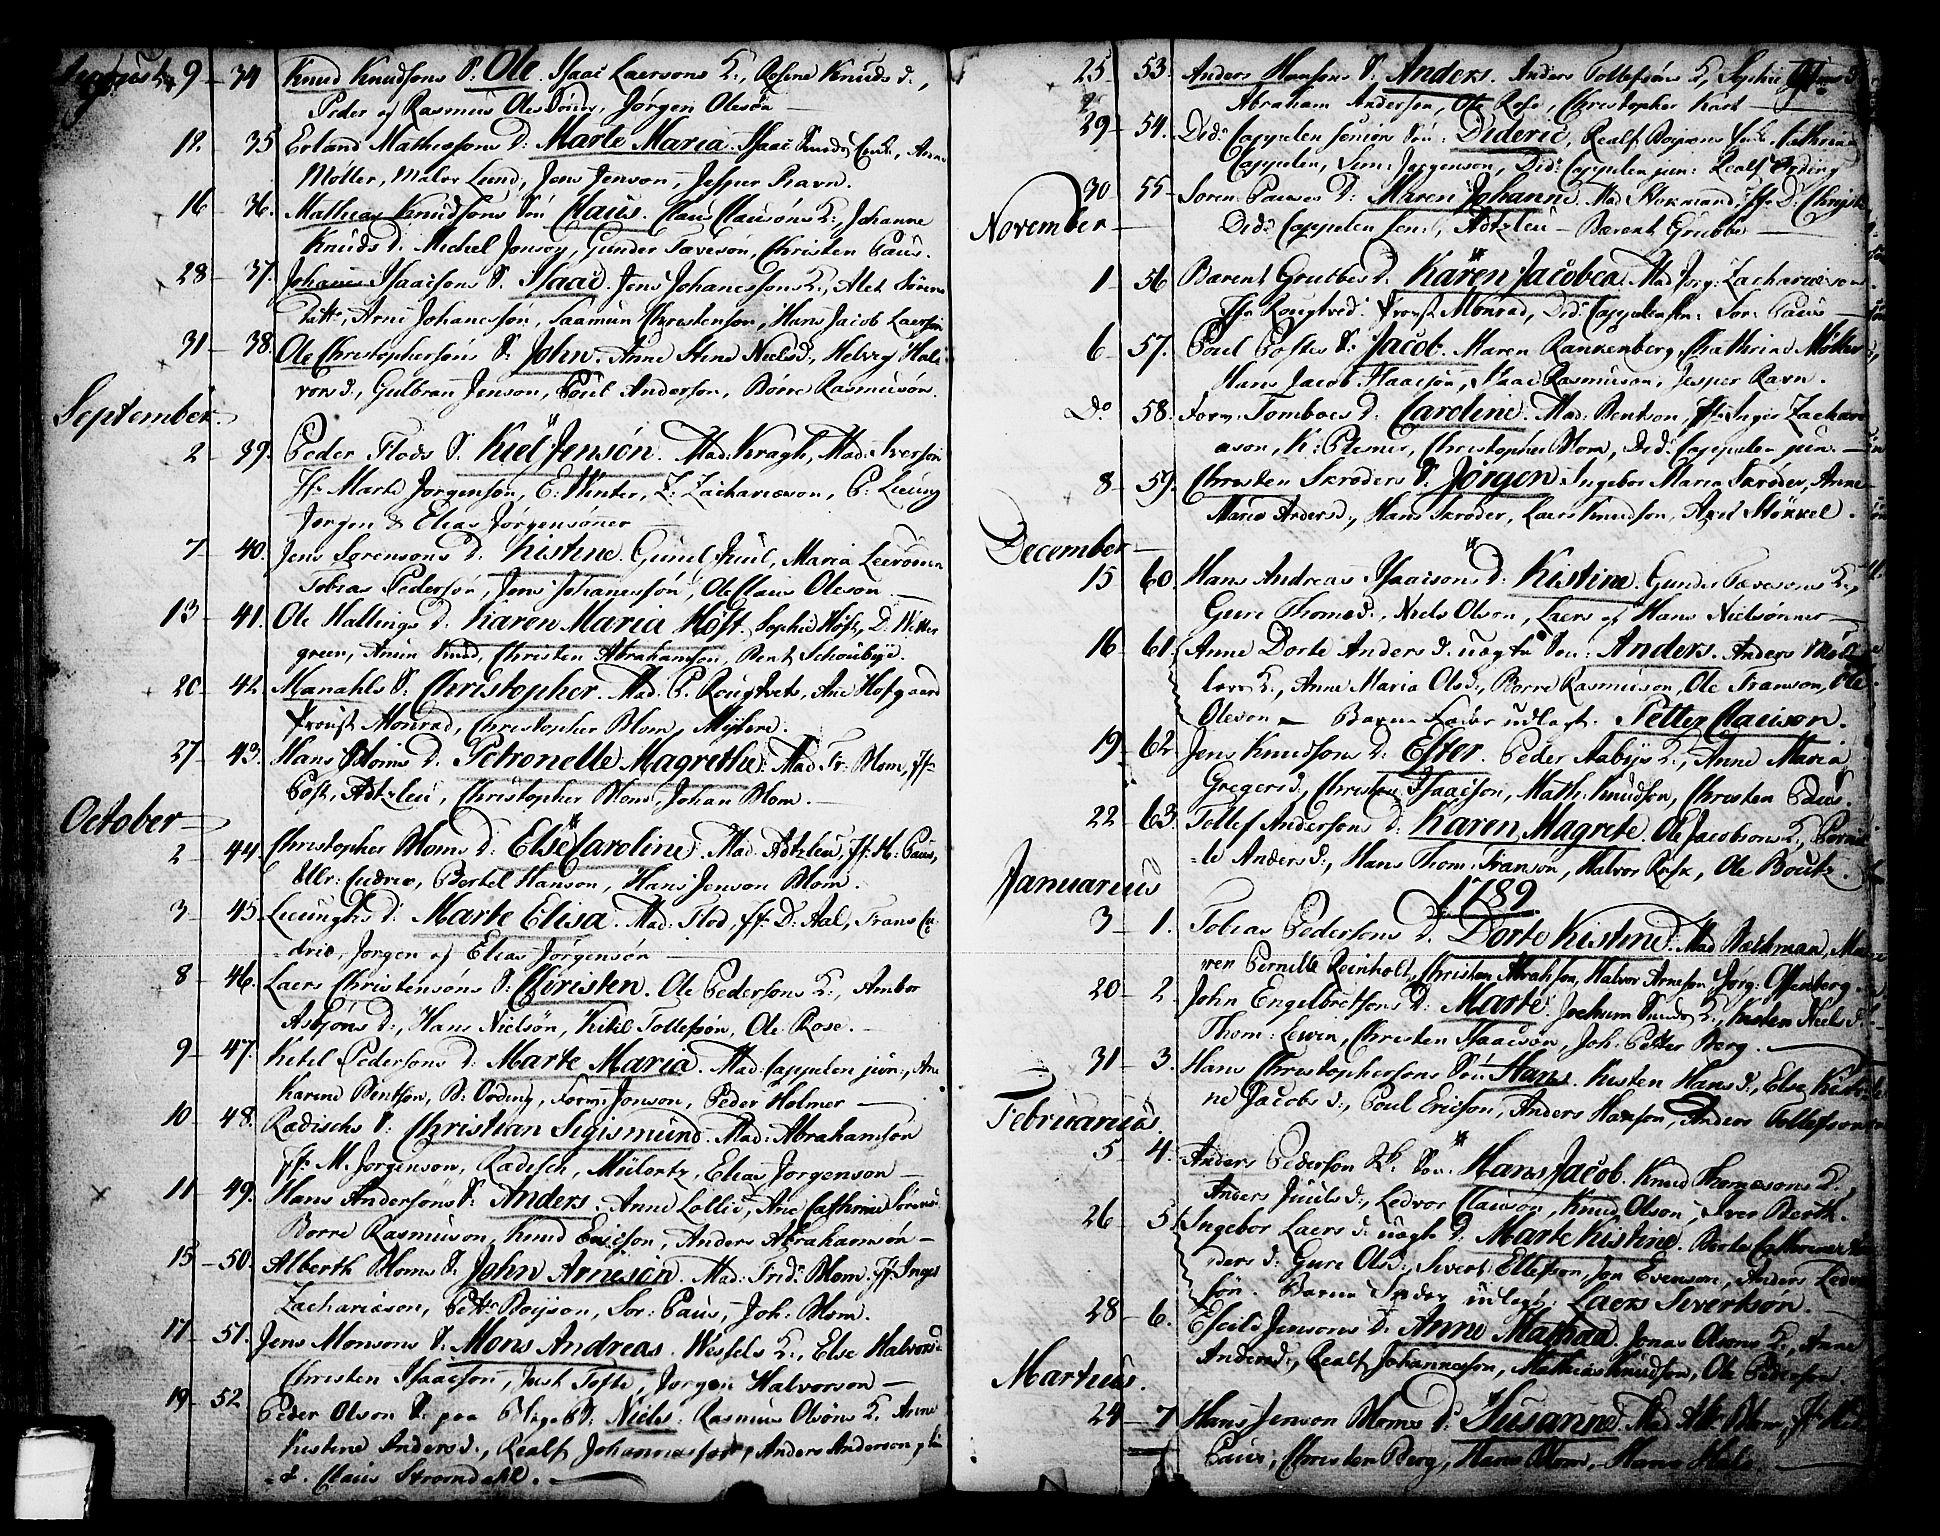 SAKO, Skien kirkebøker, F/Fa/L0003: Ministerialbok nr. 3, 1755-1791, s. 90-91